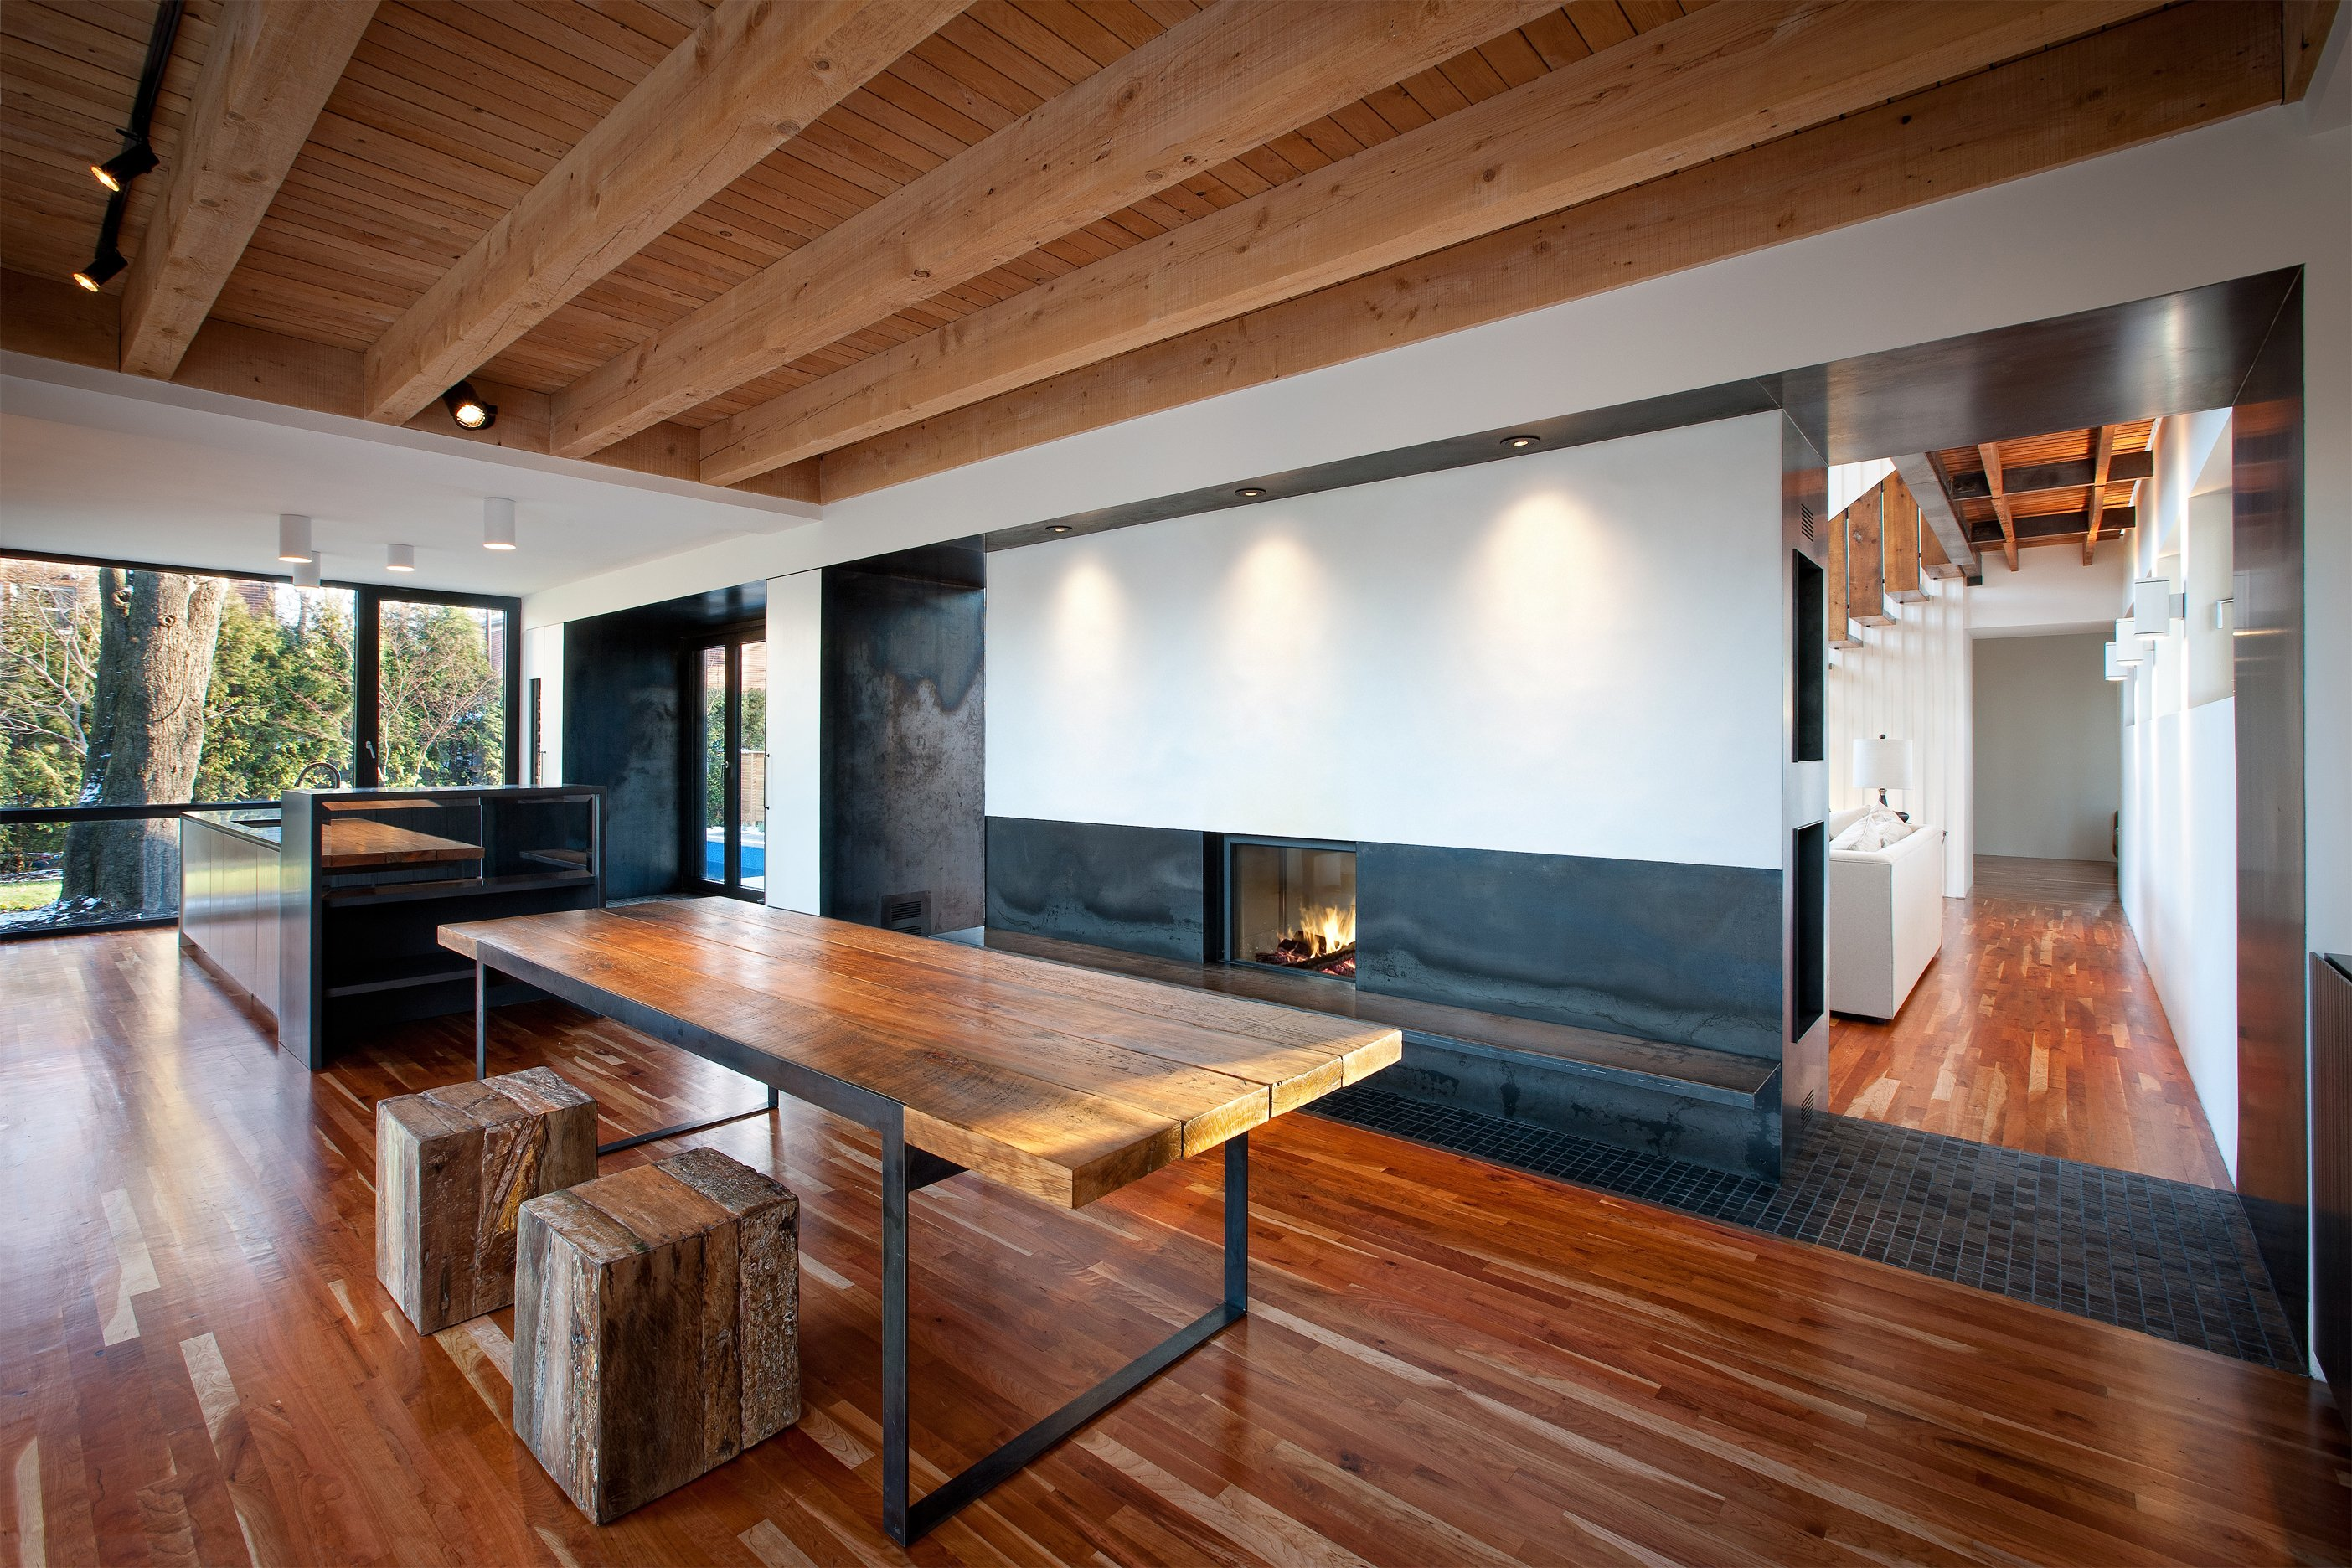 Una sala da pranzo con i pavimenti in legno e una stufa